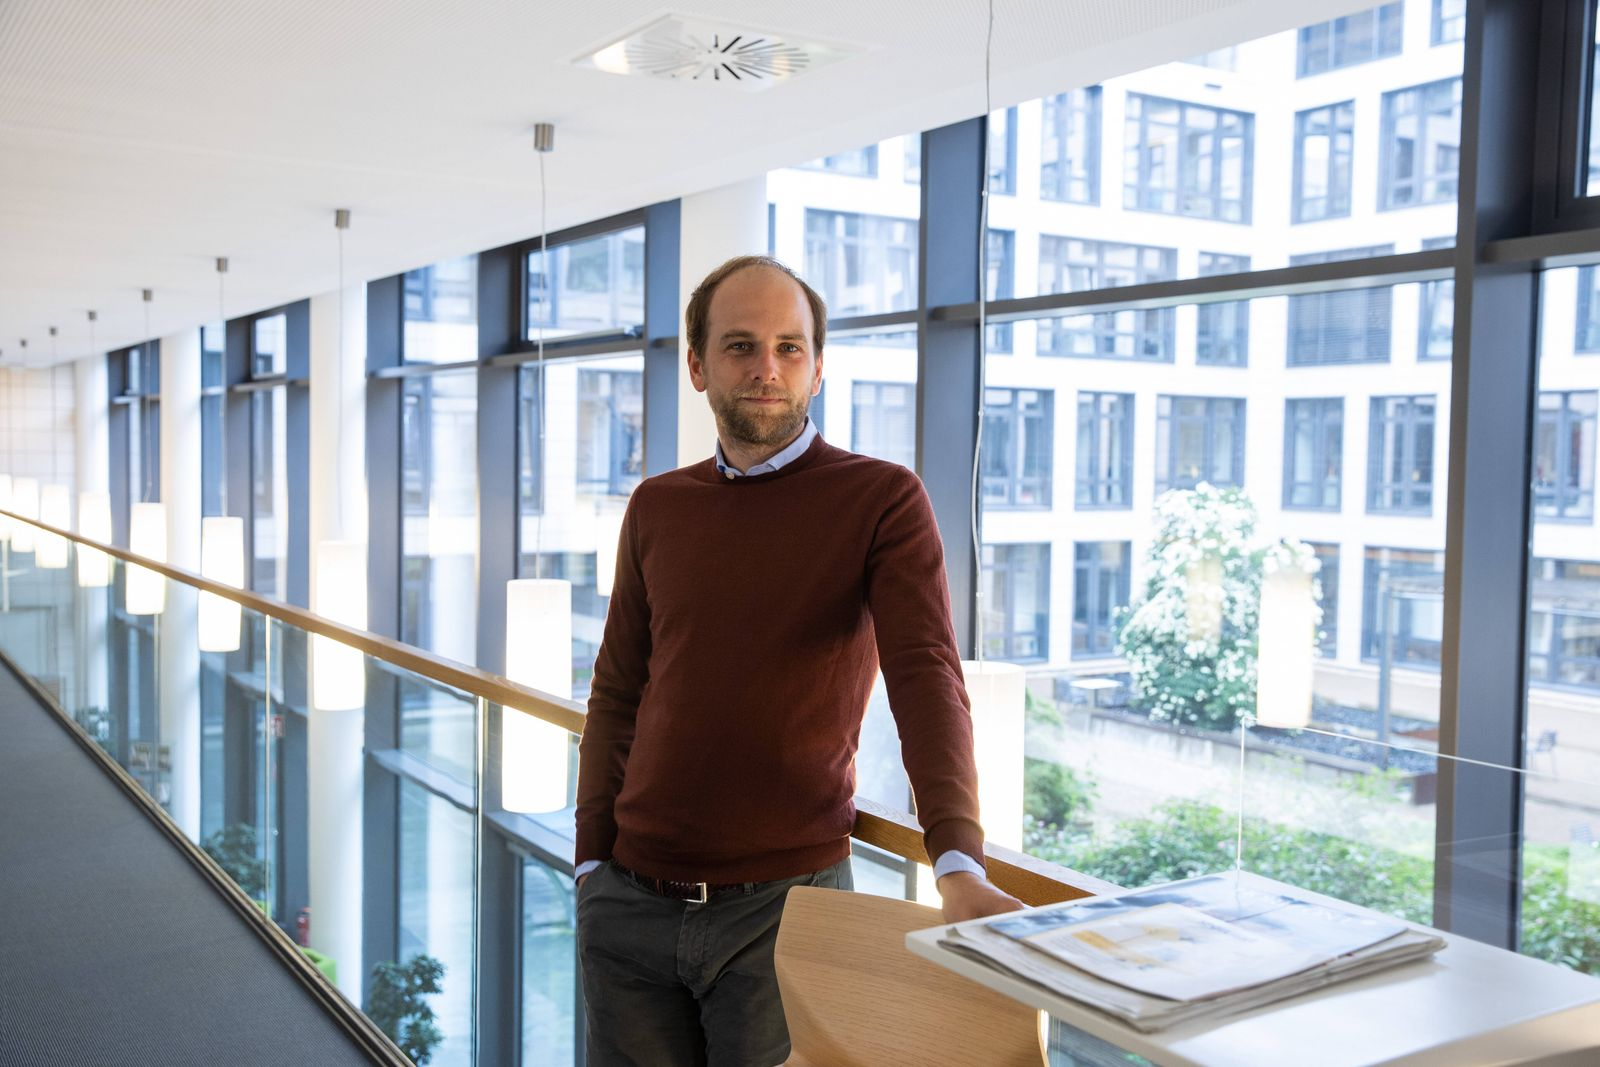 Großburgwedel, Wirtschaft, Raoul Roßmann ist ein deutscher Unternehmer und Sohn von Dirk Roßmann, dem Gründer und Geschä